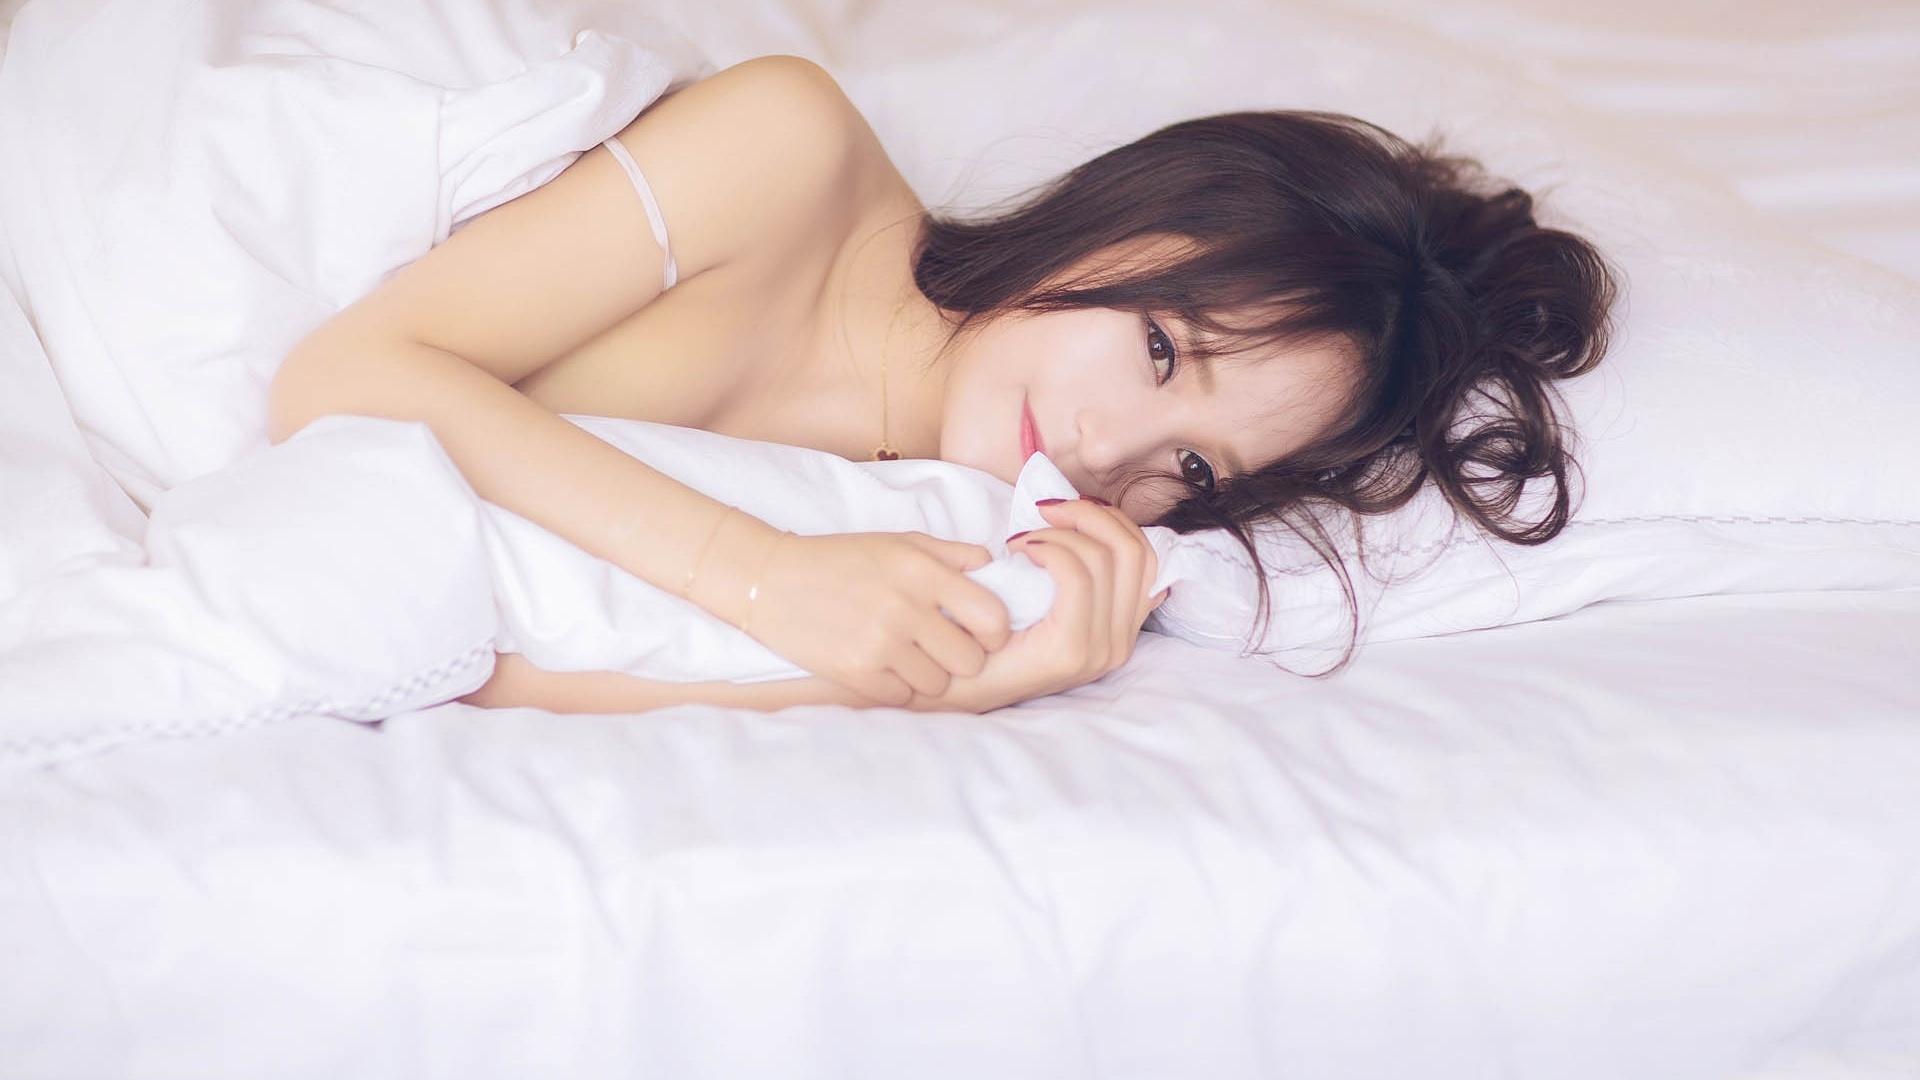 为什么有些摄影师喜欢拍摄年轻漂亮的女模特?